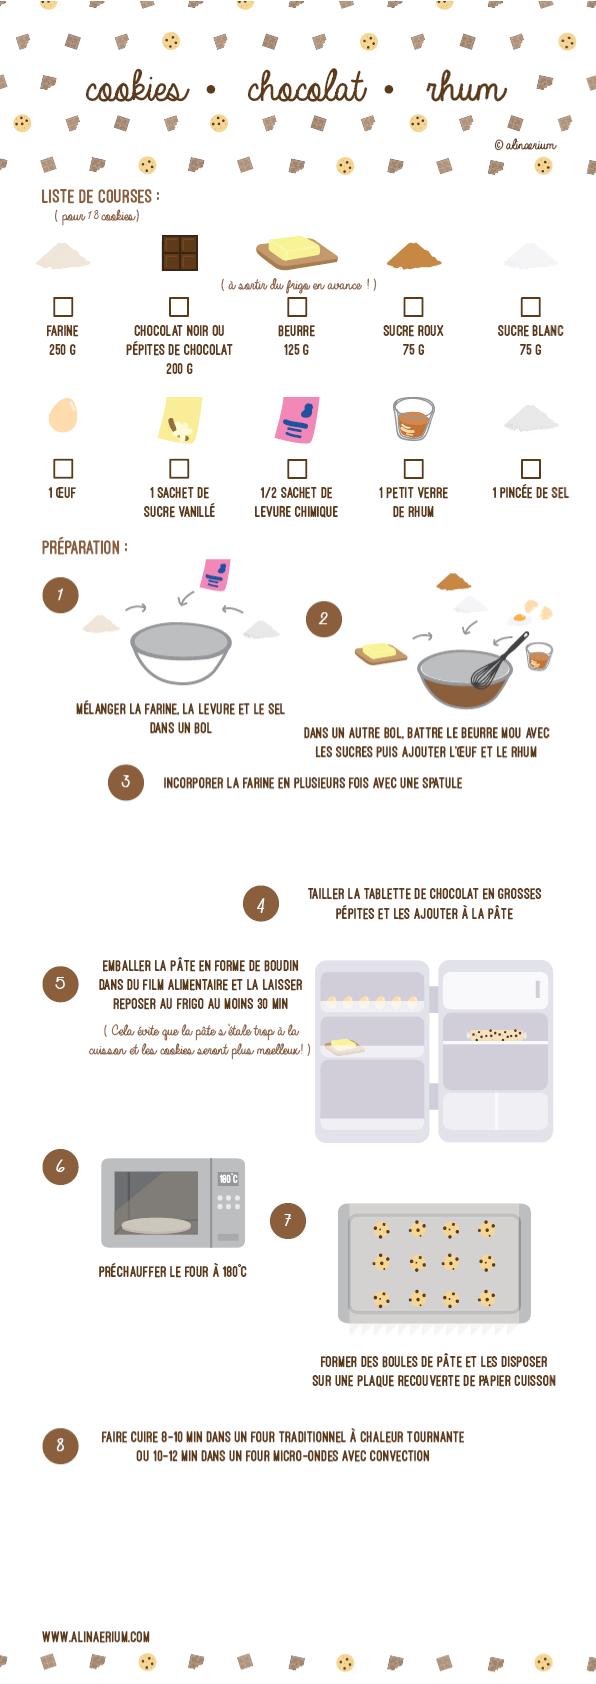 alinaerium-cookies-chocolat-rhum-recette-blog